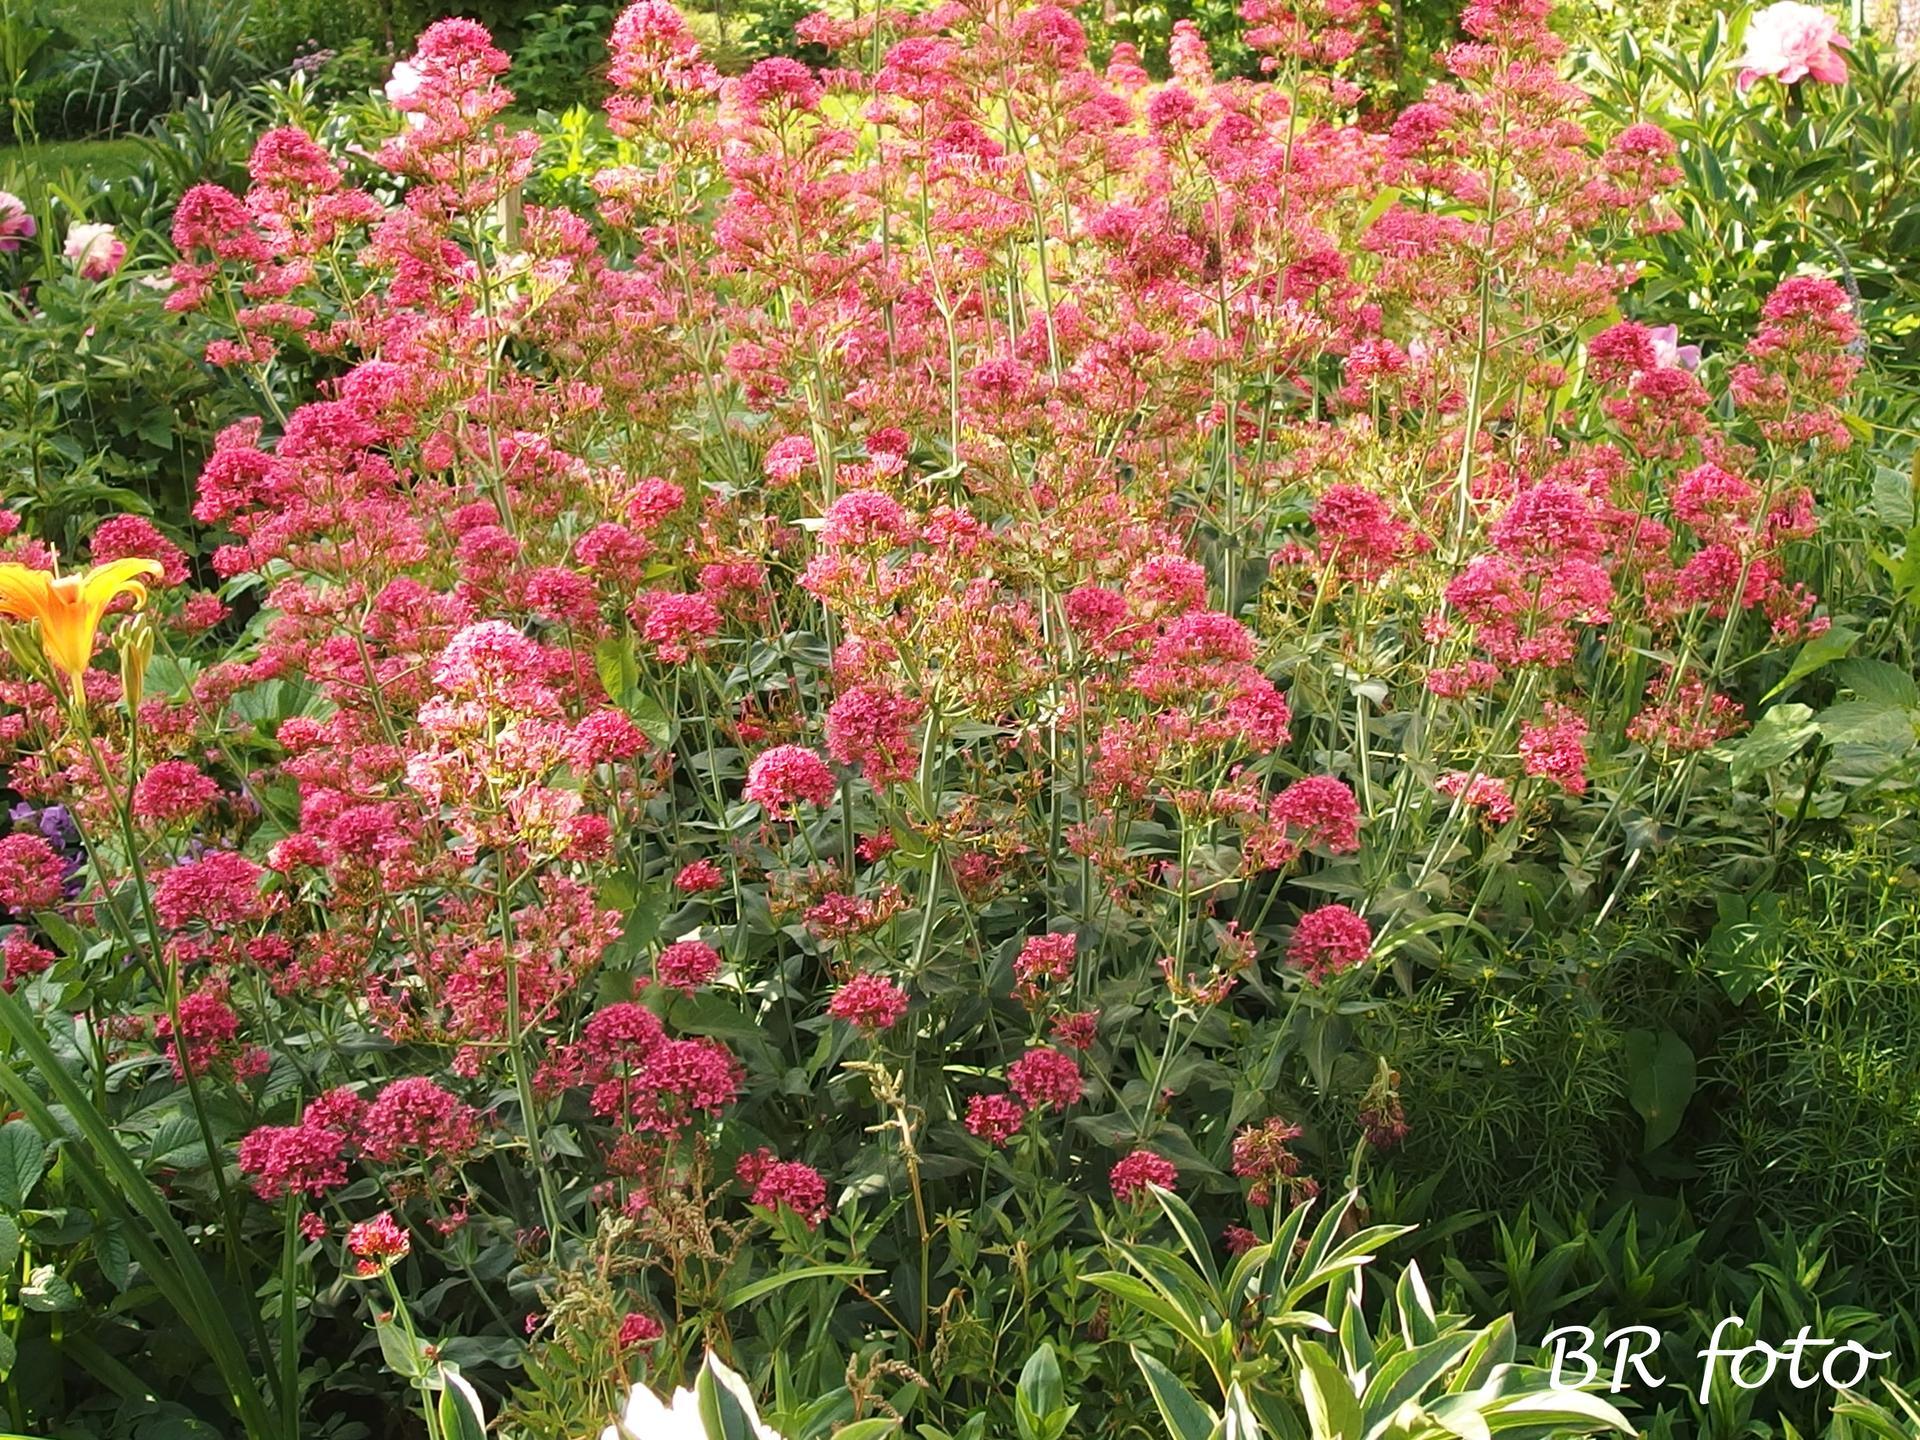 Zahrada v červnu - vše roste a kvete jako o život.... - mavuň je velká a rozložitá jako keř, musím ji zredukovat a ostříhat než dozrají semena